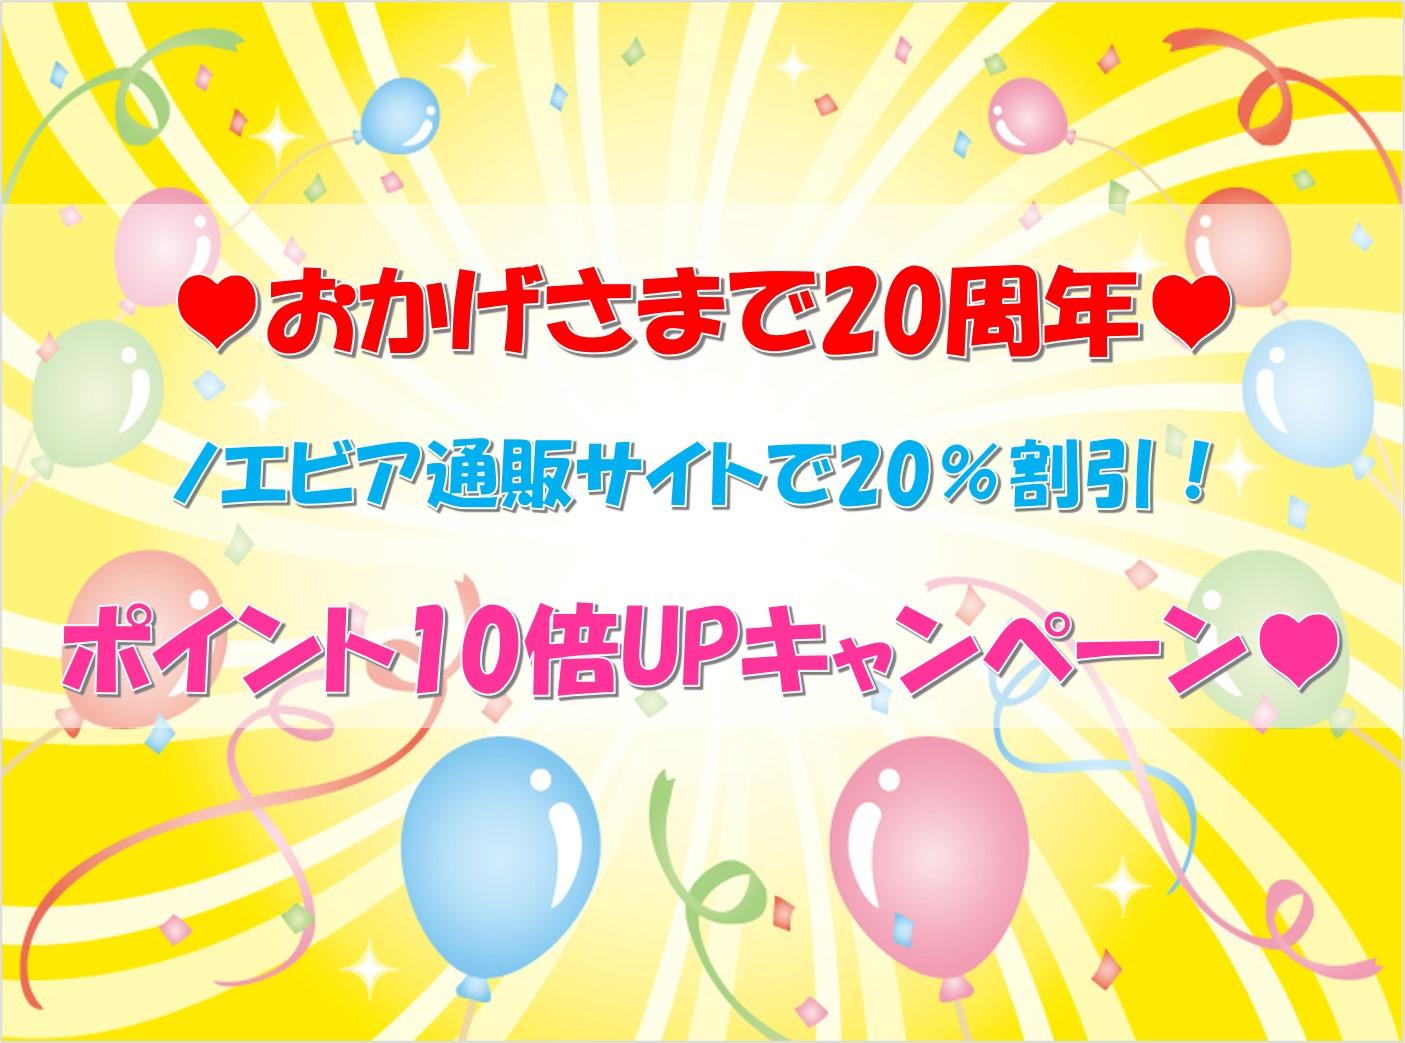 Cenbless 成増フェイシャル&ネイルサロン Cenbless祝20周年★ポイント10倍キャンペーン!!